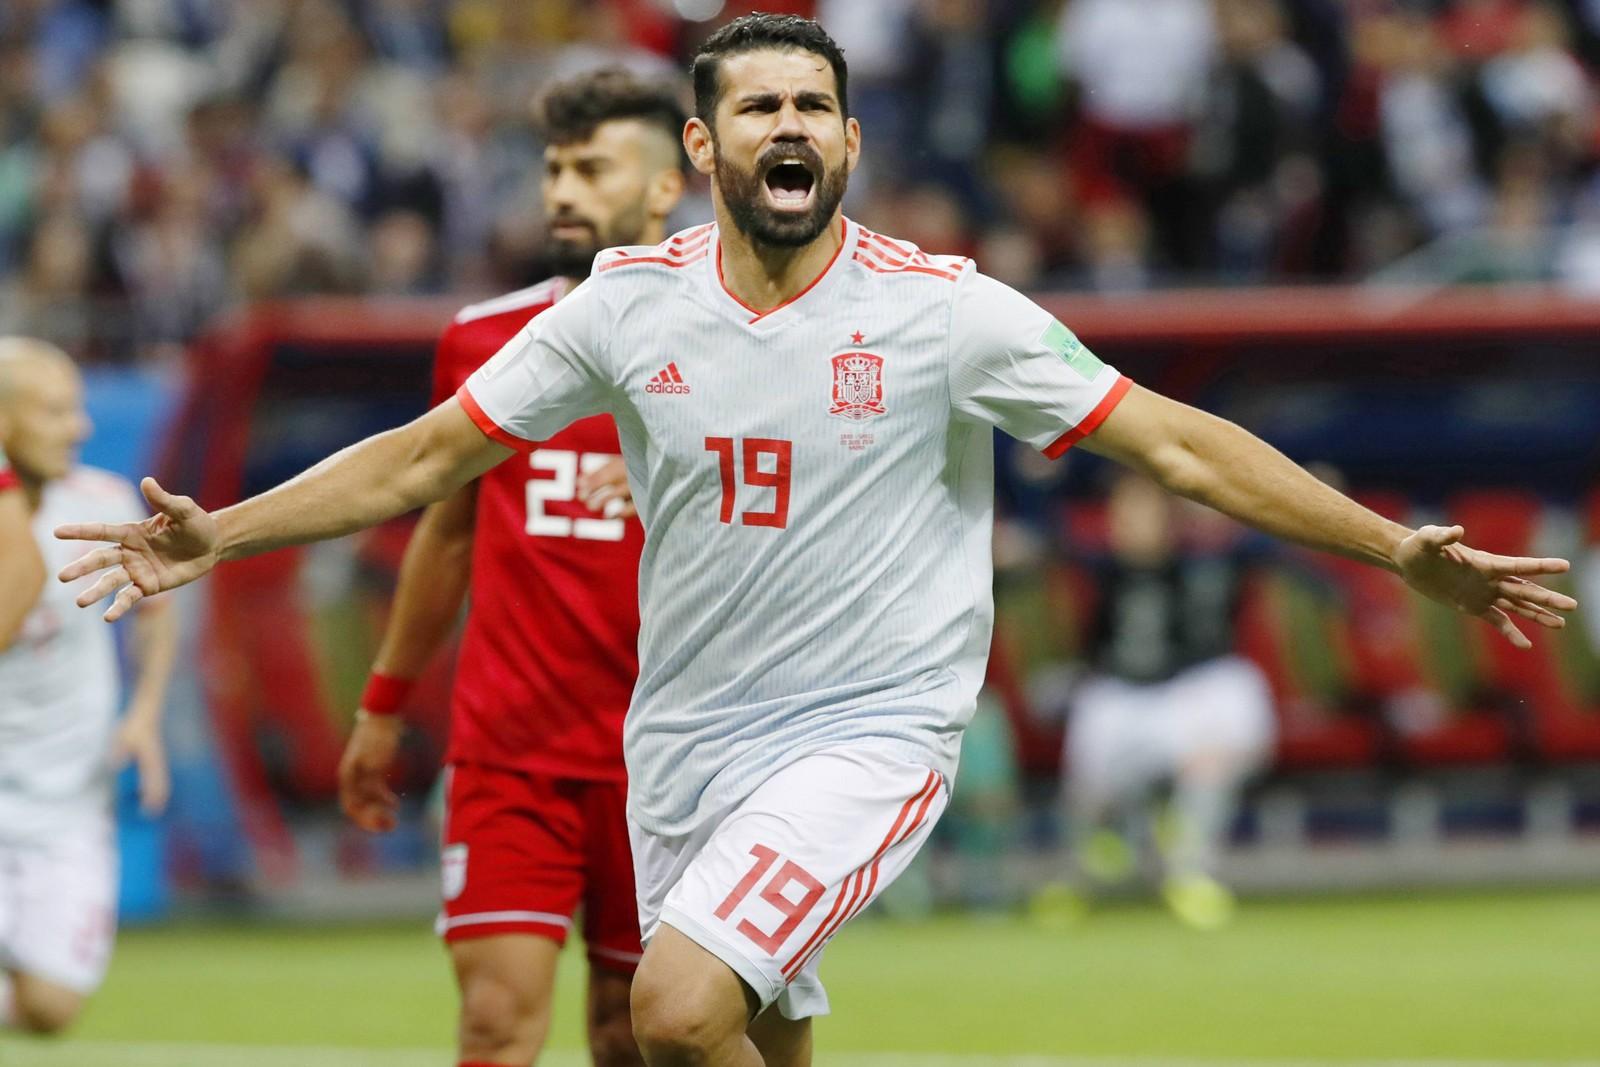 Marokko Vs Spanien